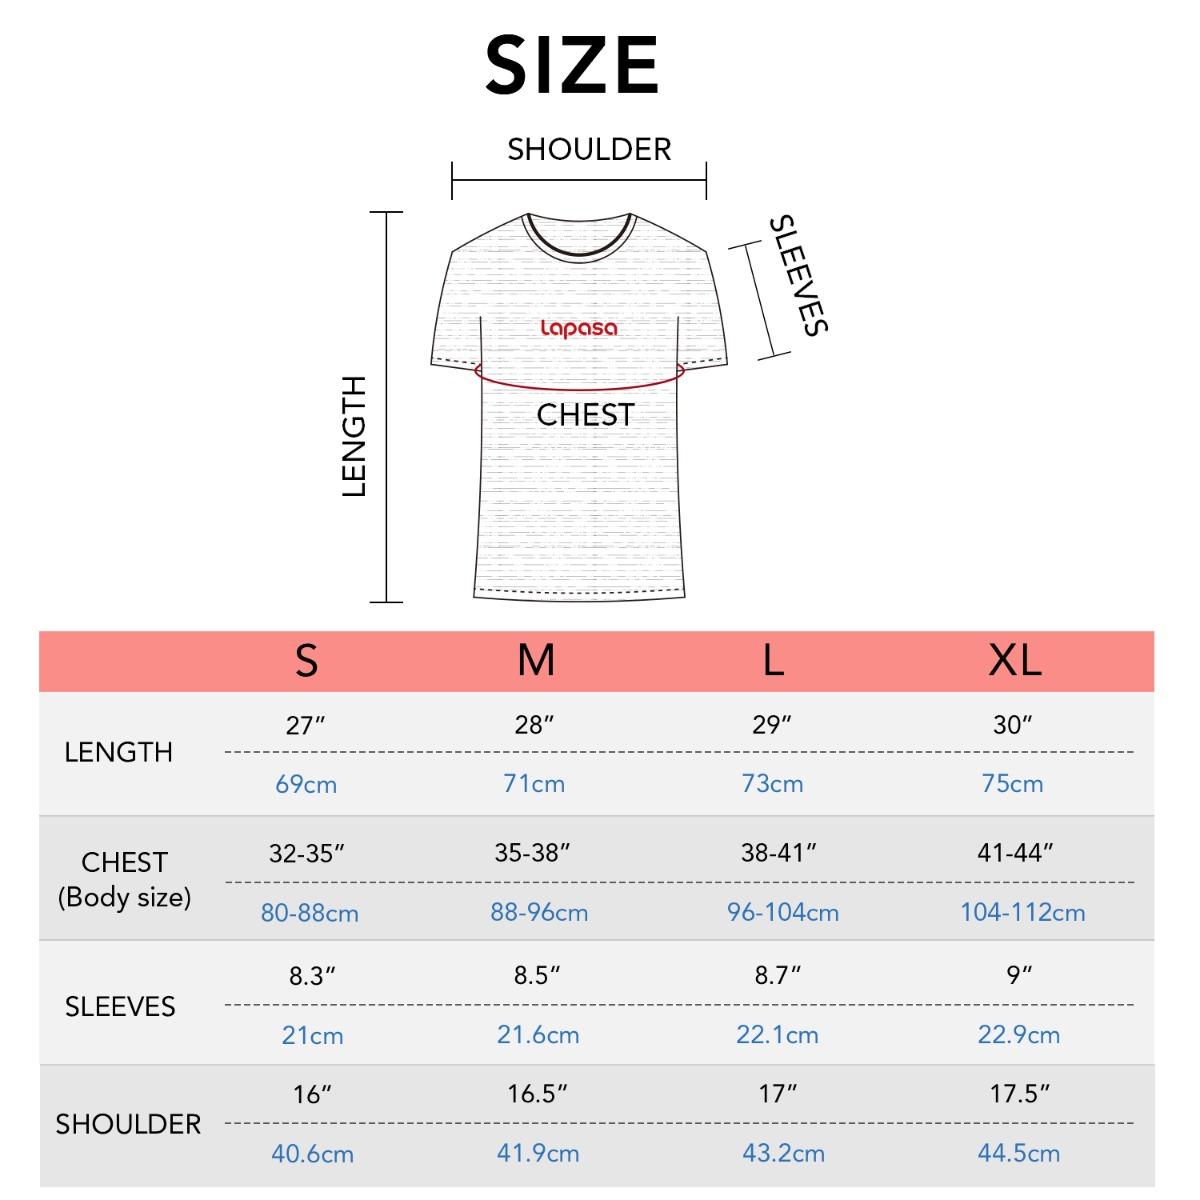 M07 size chart